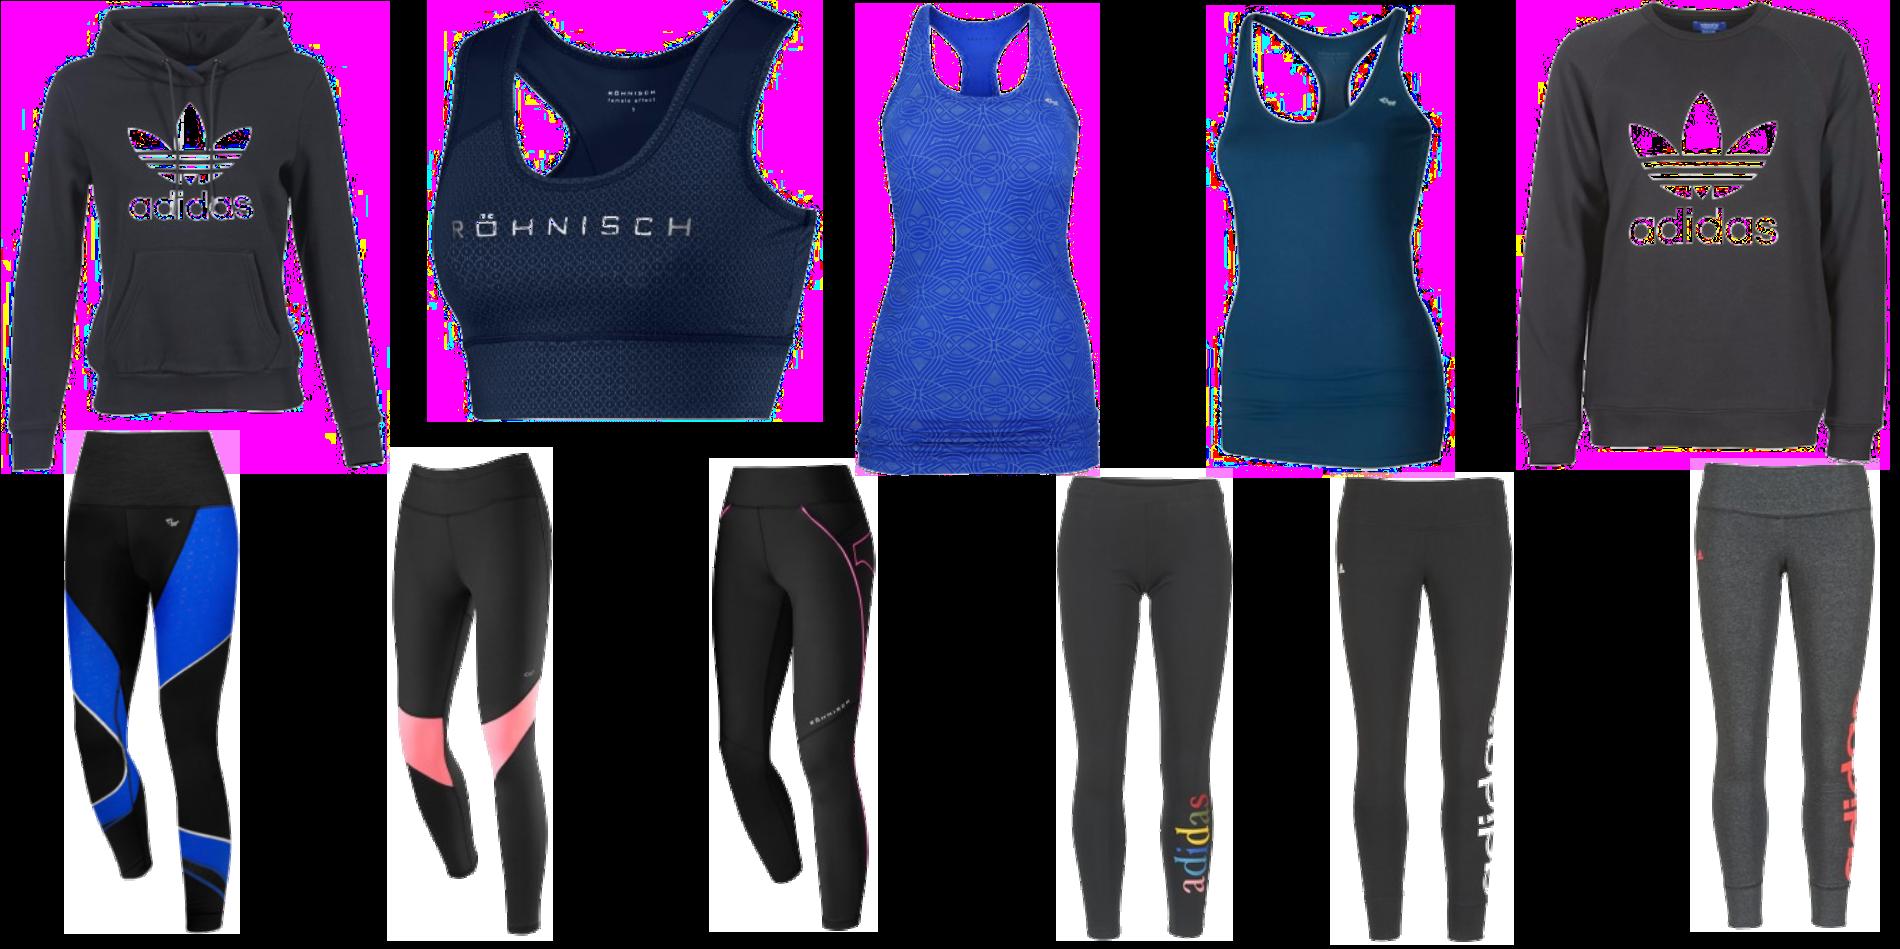 Adidas och Röhnisch